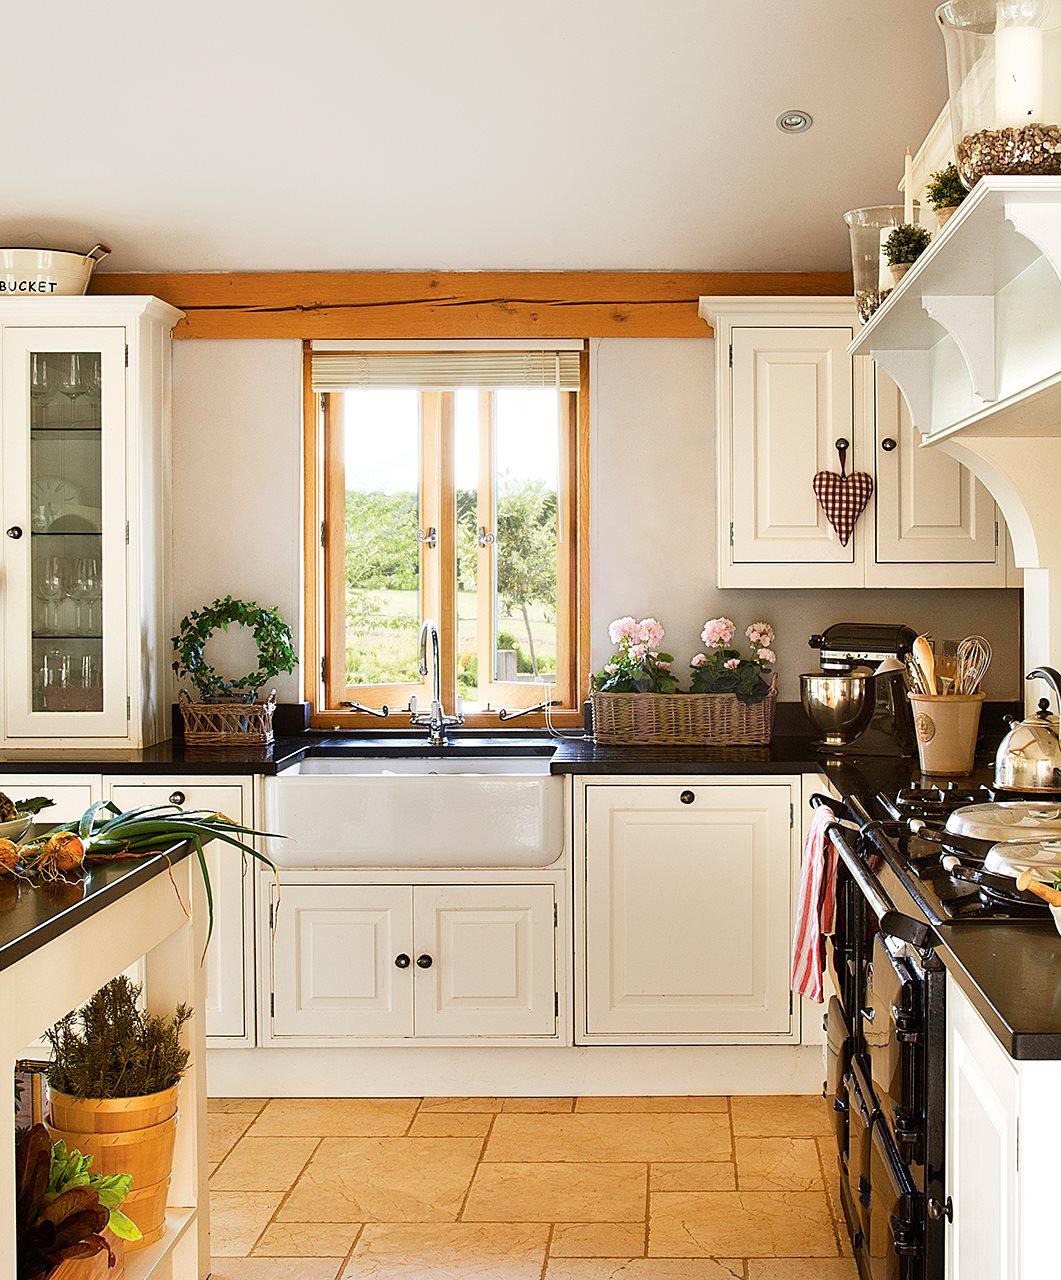 cocina con armarios blancos y encimera de granito negra